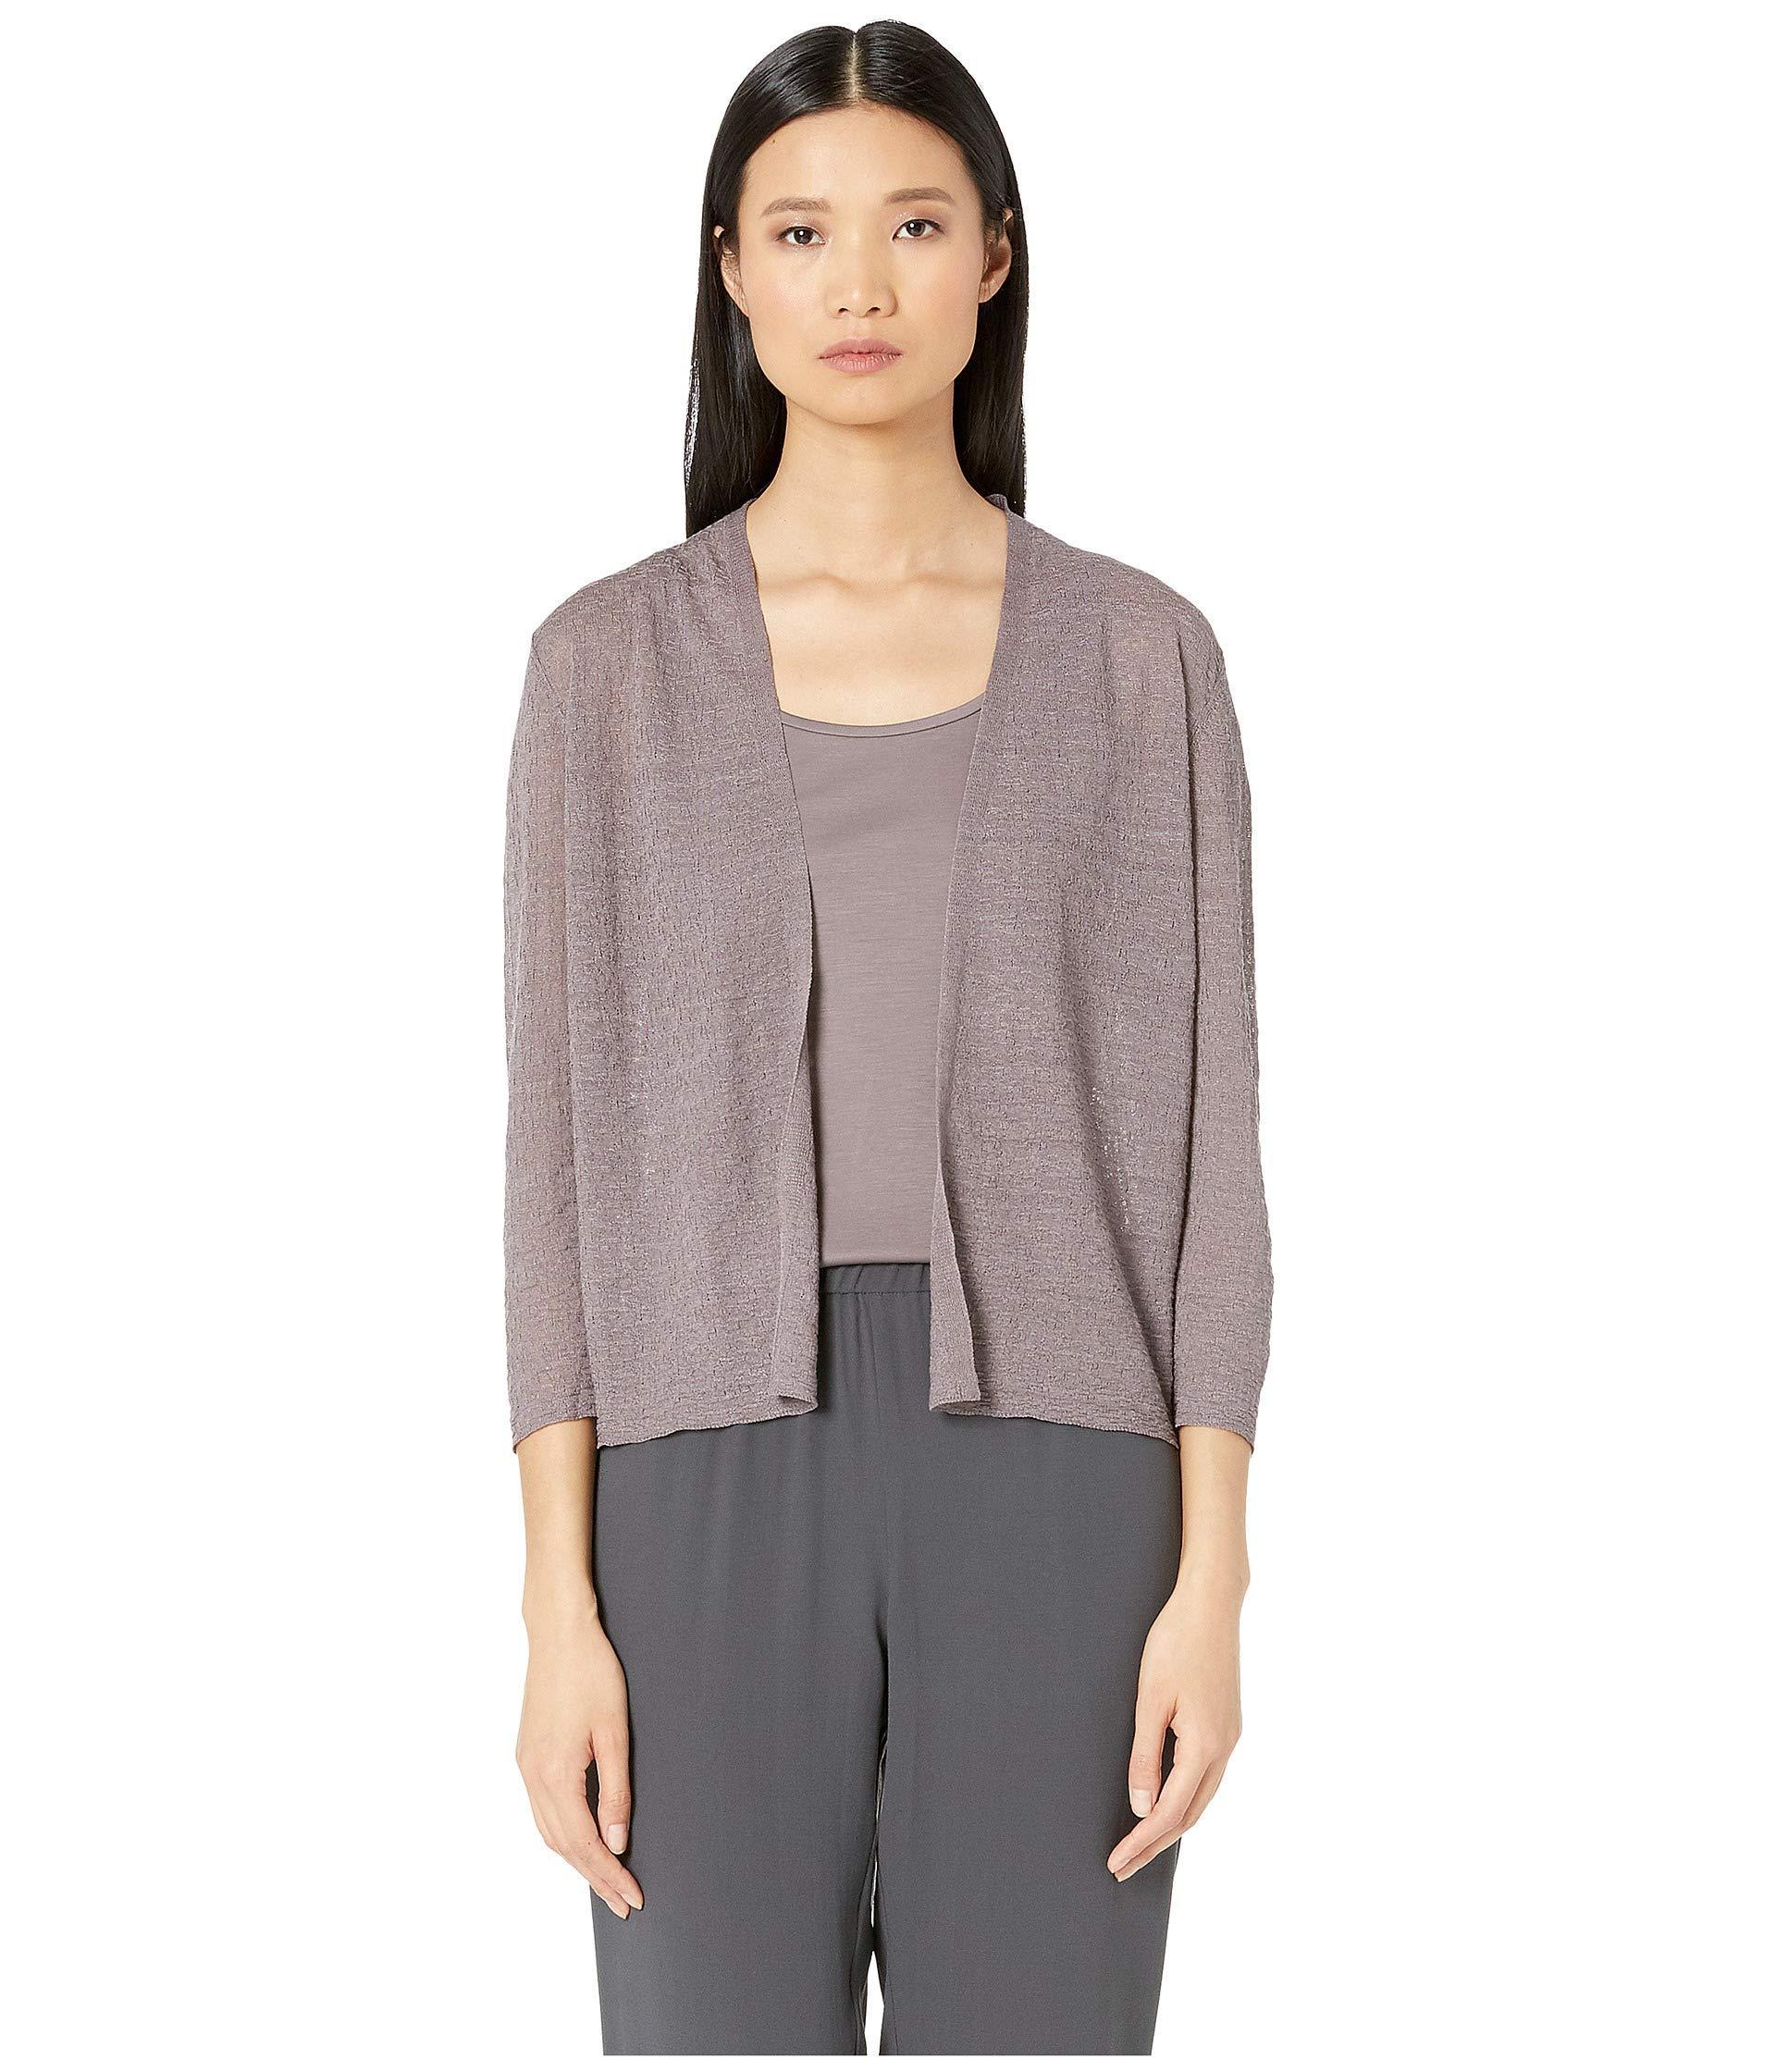 b8a6fa9d9918a9 Eileen Fisher Short 3/4 Sleeve Cardigan (luna) Women's Clothing - Lyst